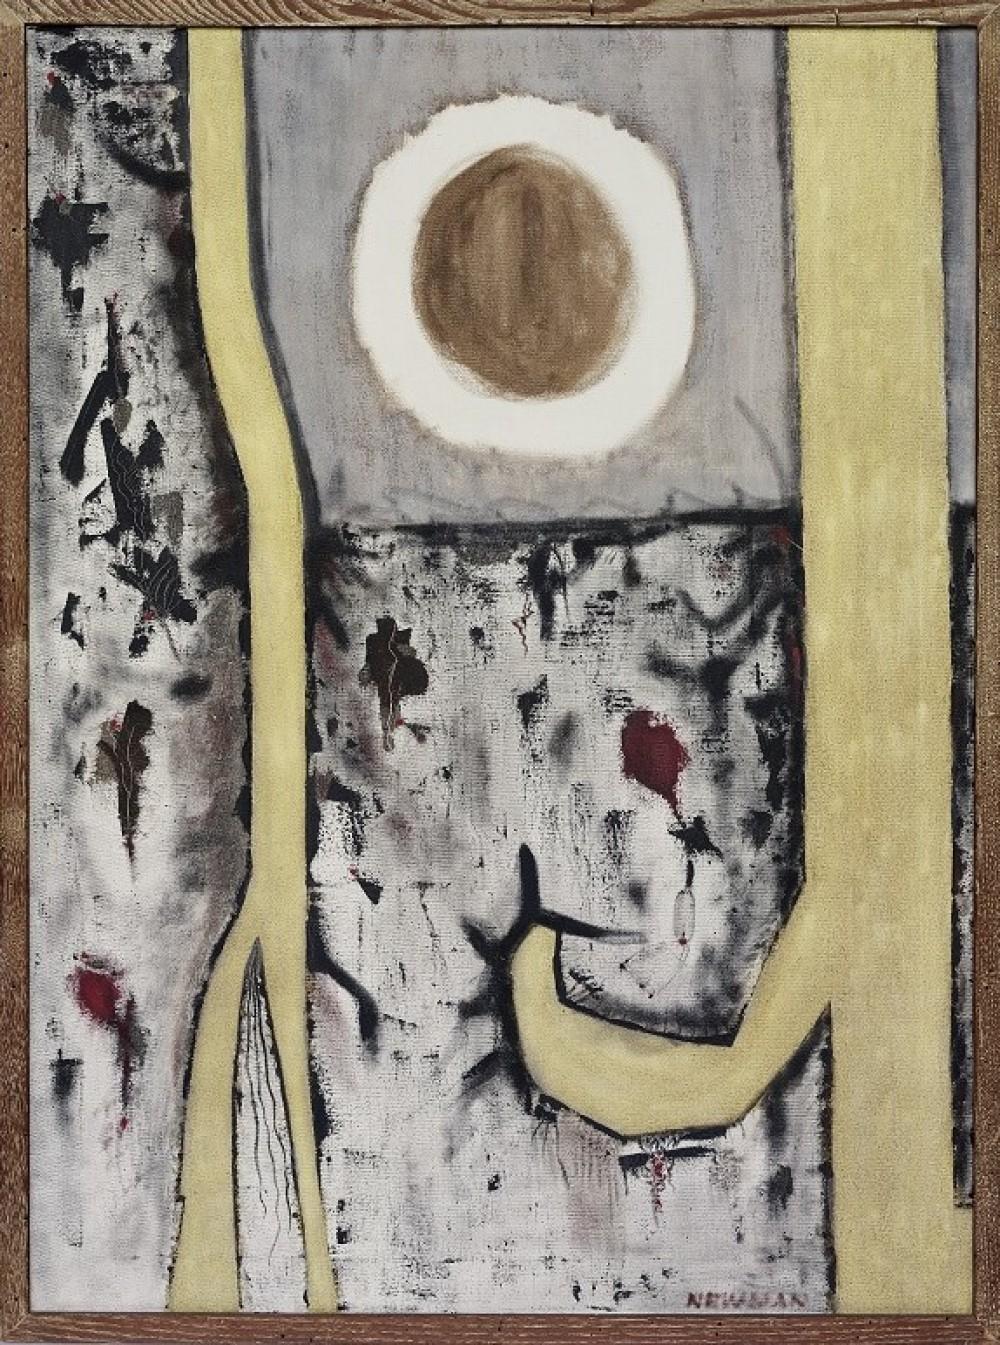 Barnett Newman - Genetic Moment, 1947